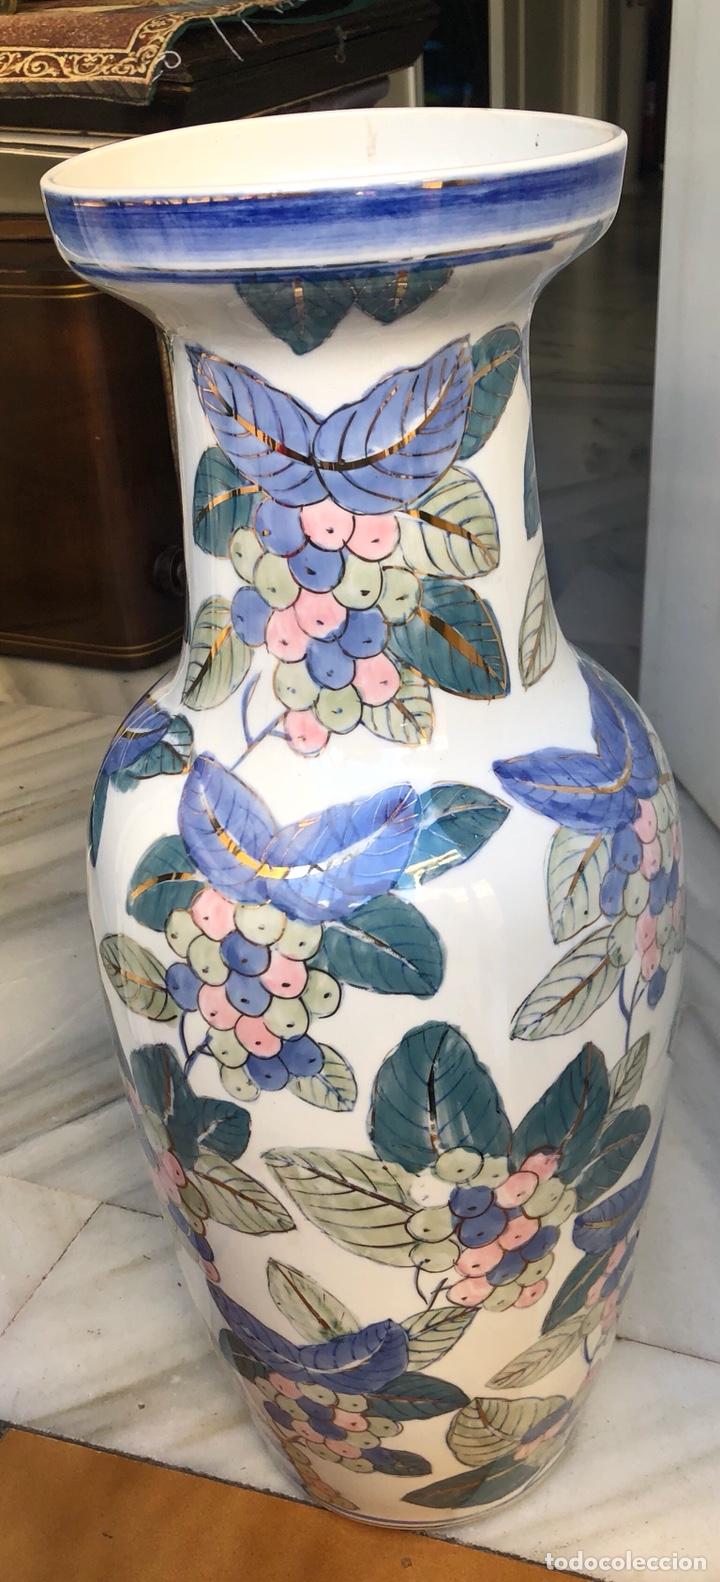 BONITO JARRÓN MOTIVOS FLORALES, BUEN TAMAÑO SIN FIRMA (Antigüedades - Porcelanas y Cerámicas - Otras)